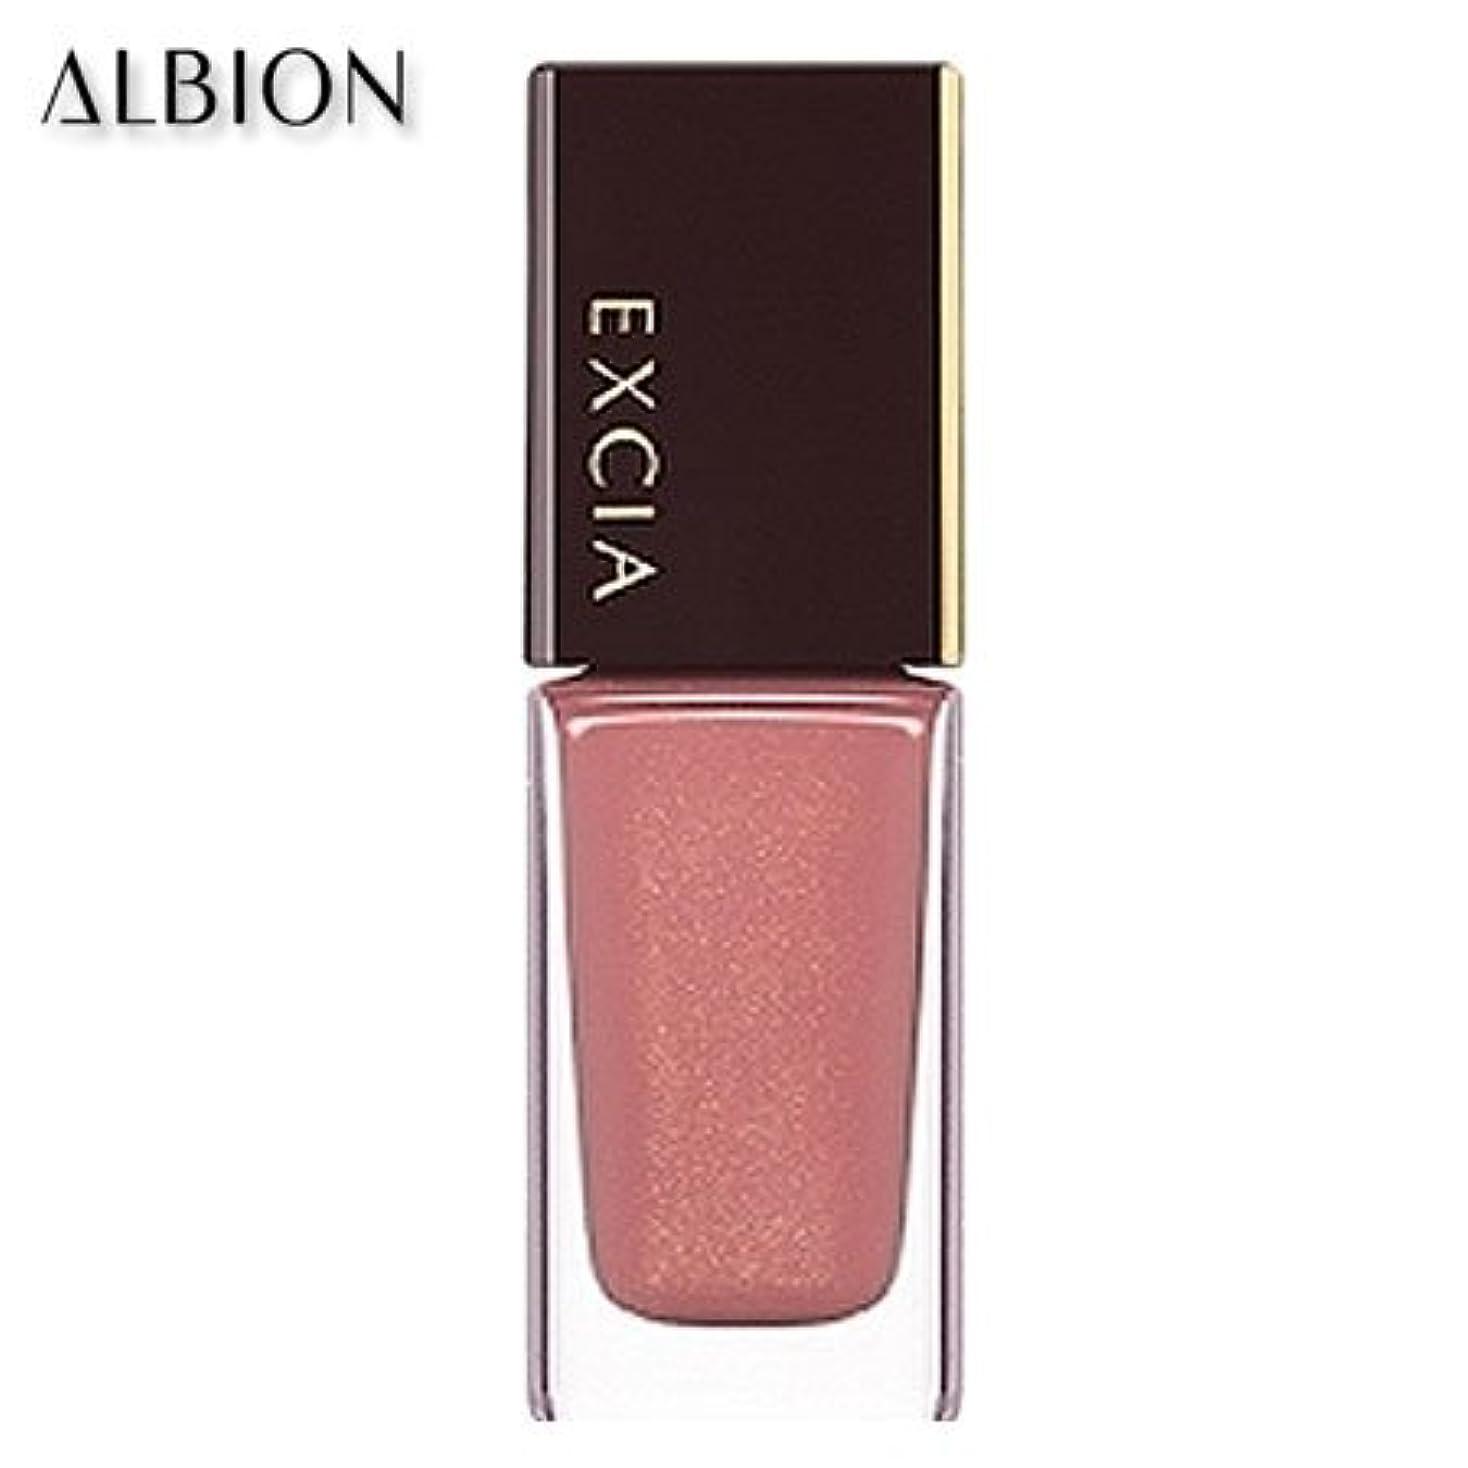 韓国プーノ実験的アルビオン エクシア AL ネイルカラー S 11色 -ALBION- 06